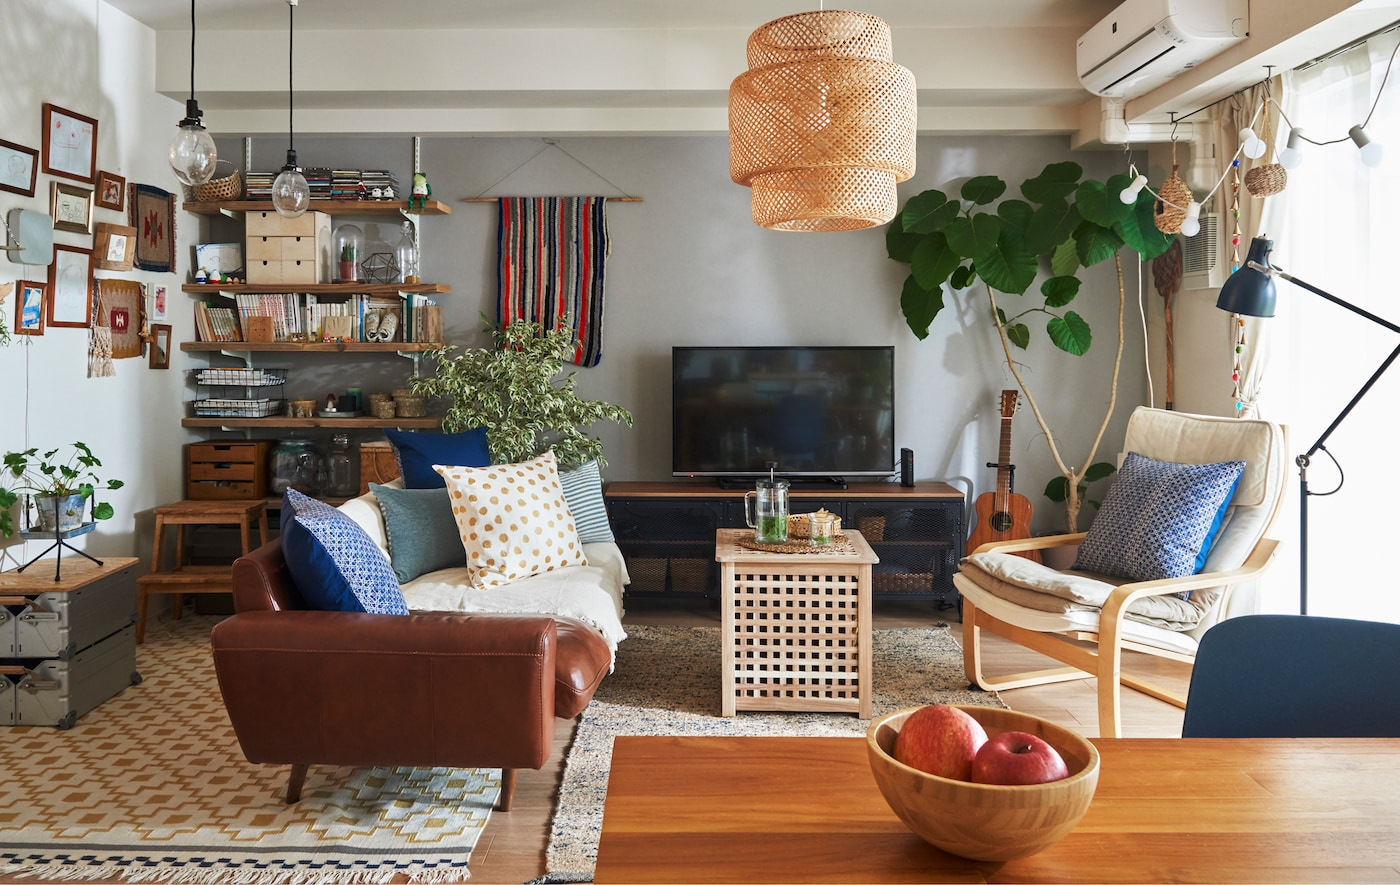 Nappali kanapéval, fotellel, asztallal, polcokkal és TV-szekrénnyel.